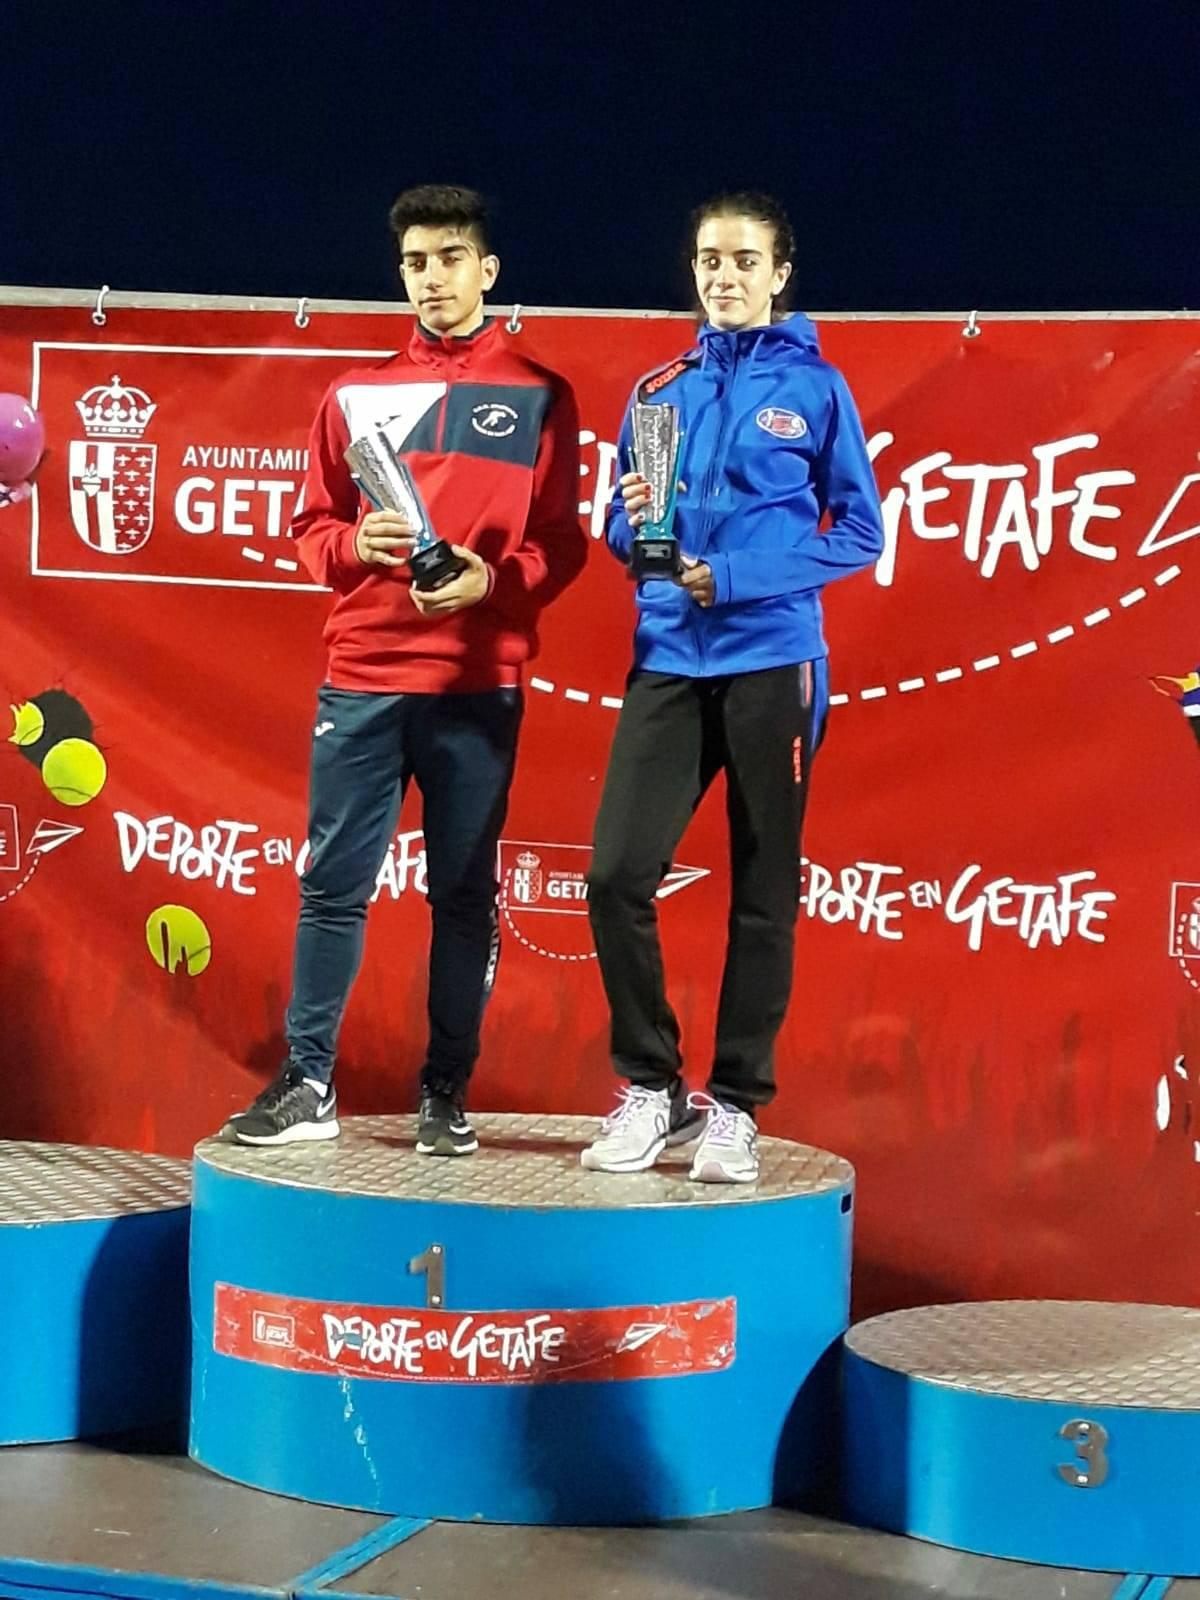 El atleta local Héctor Martín-Toledano ganador de la XXIX Carrera Popular Ciudad de Getafe 1